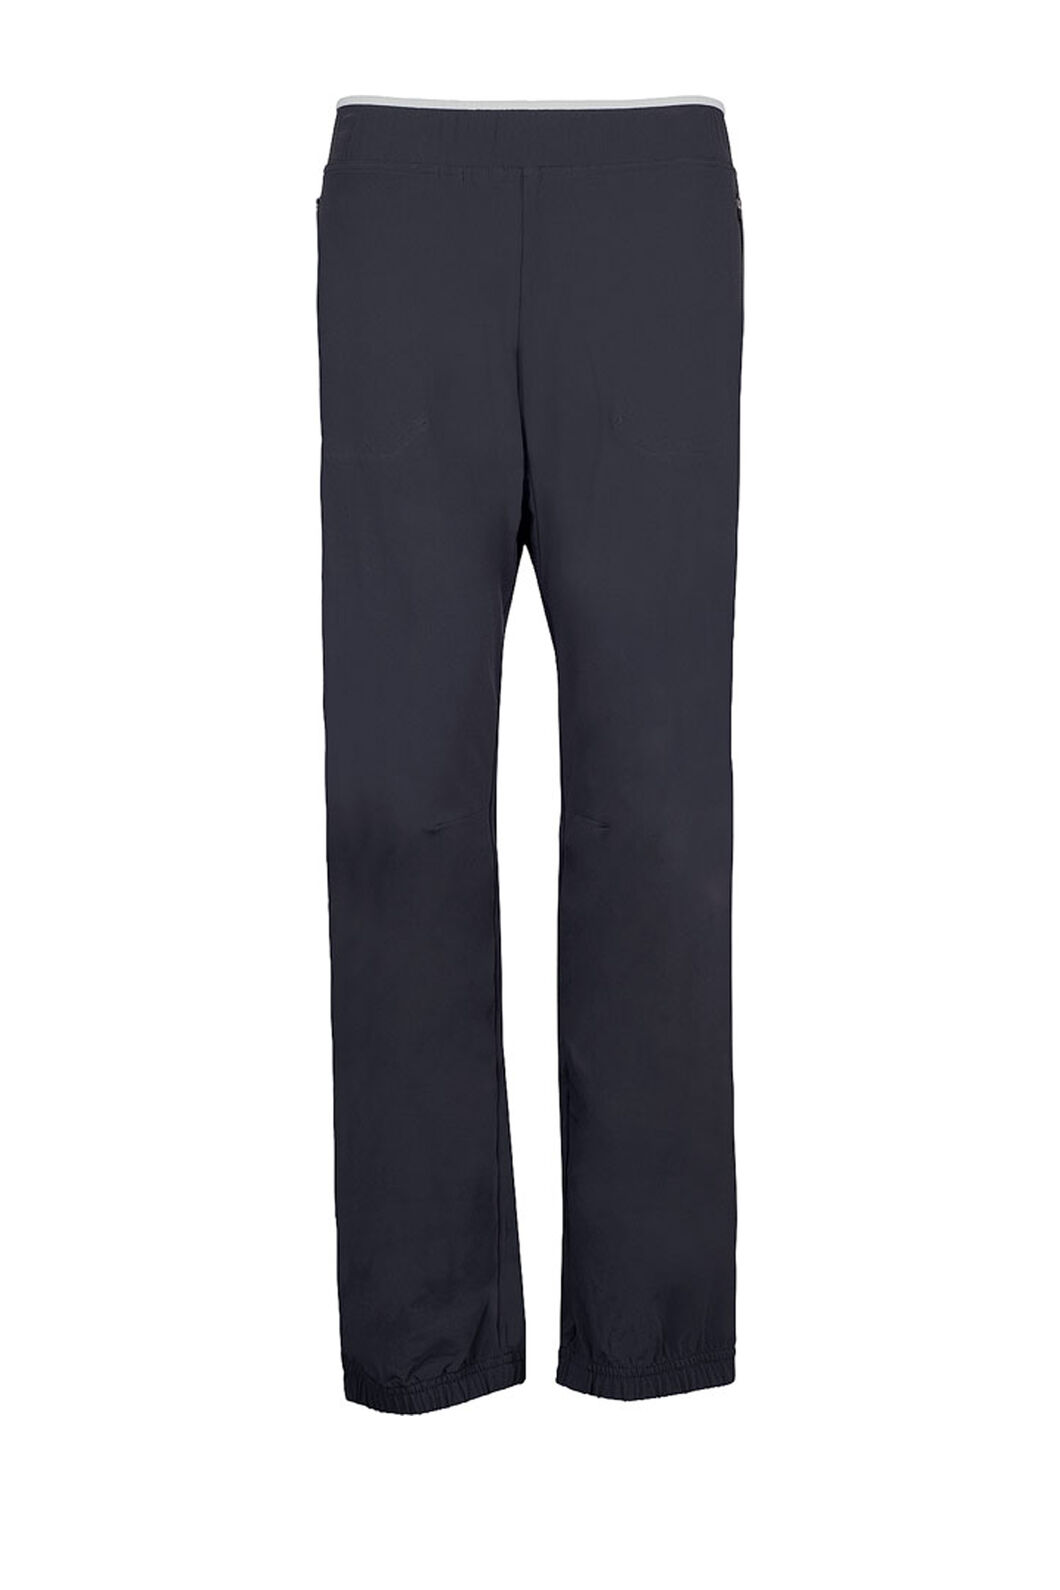 Macpac Hike Tight Pertex® Softshell Pants — Women's, Black, hi-res